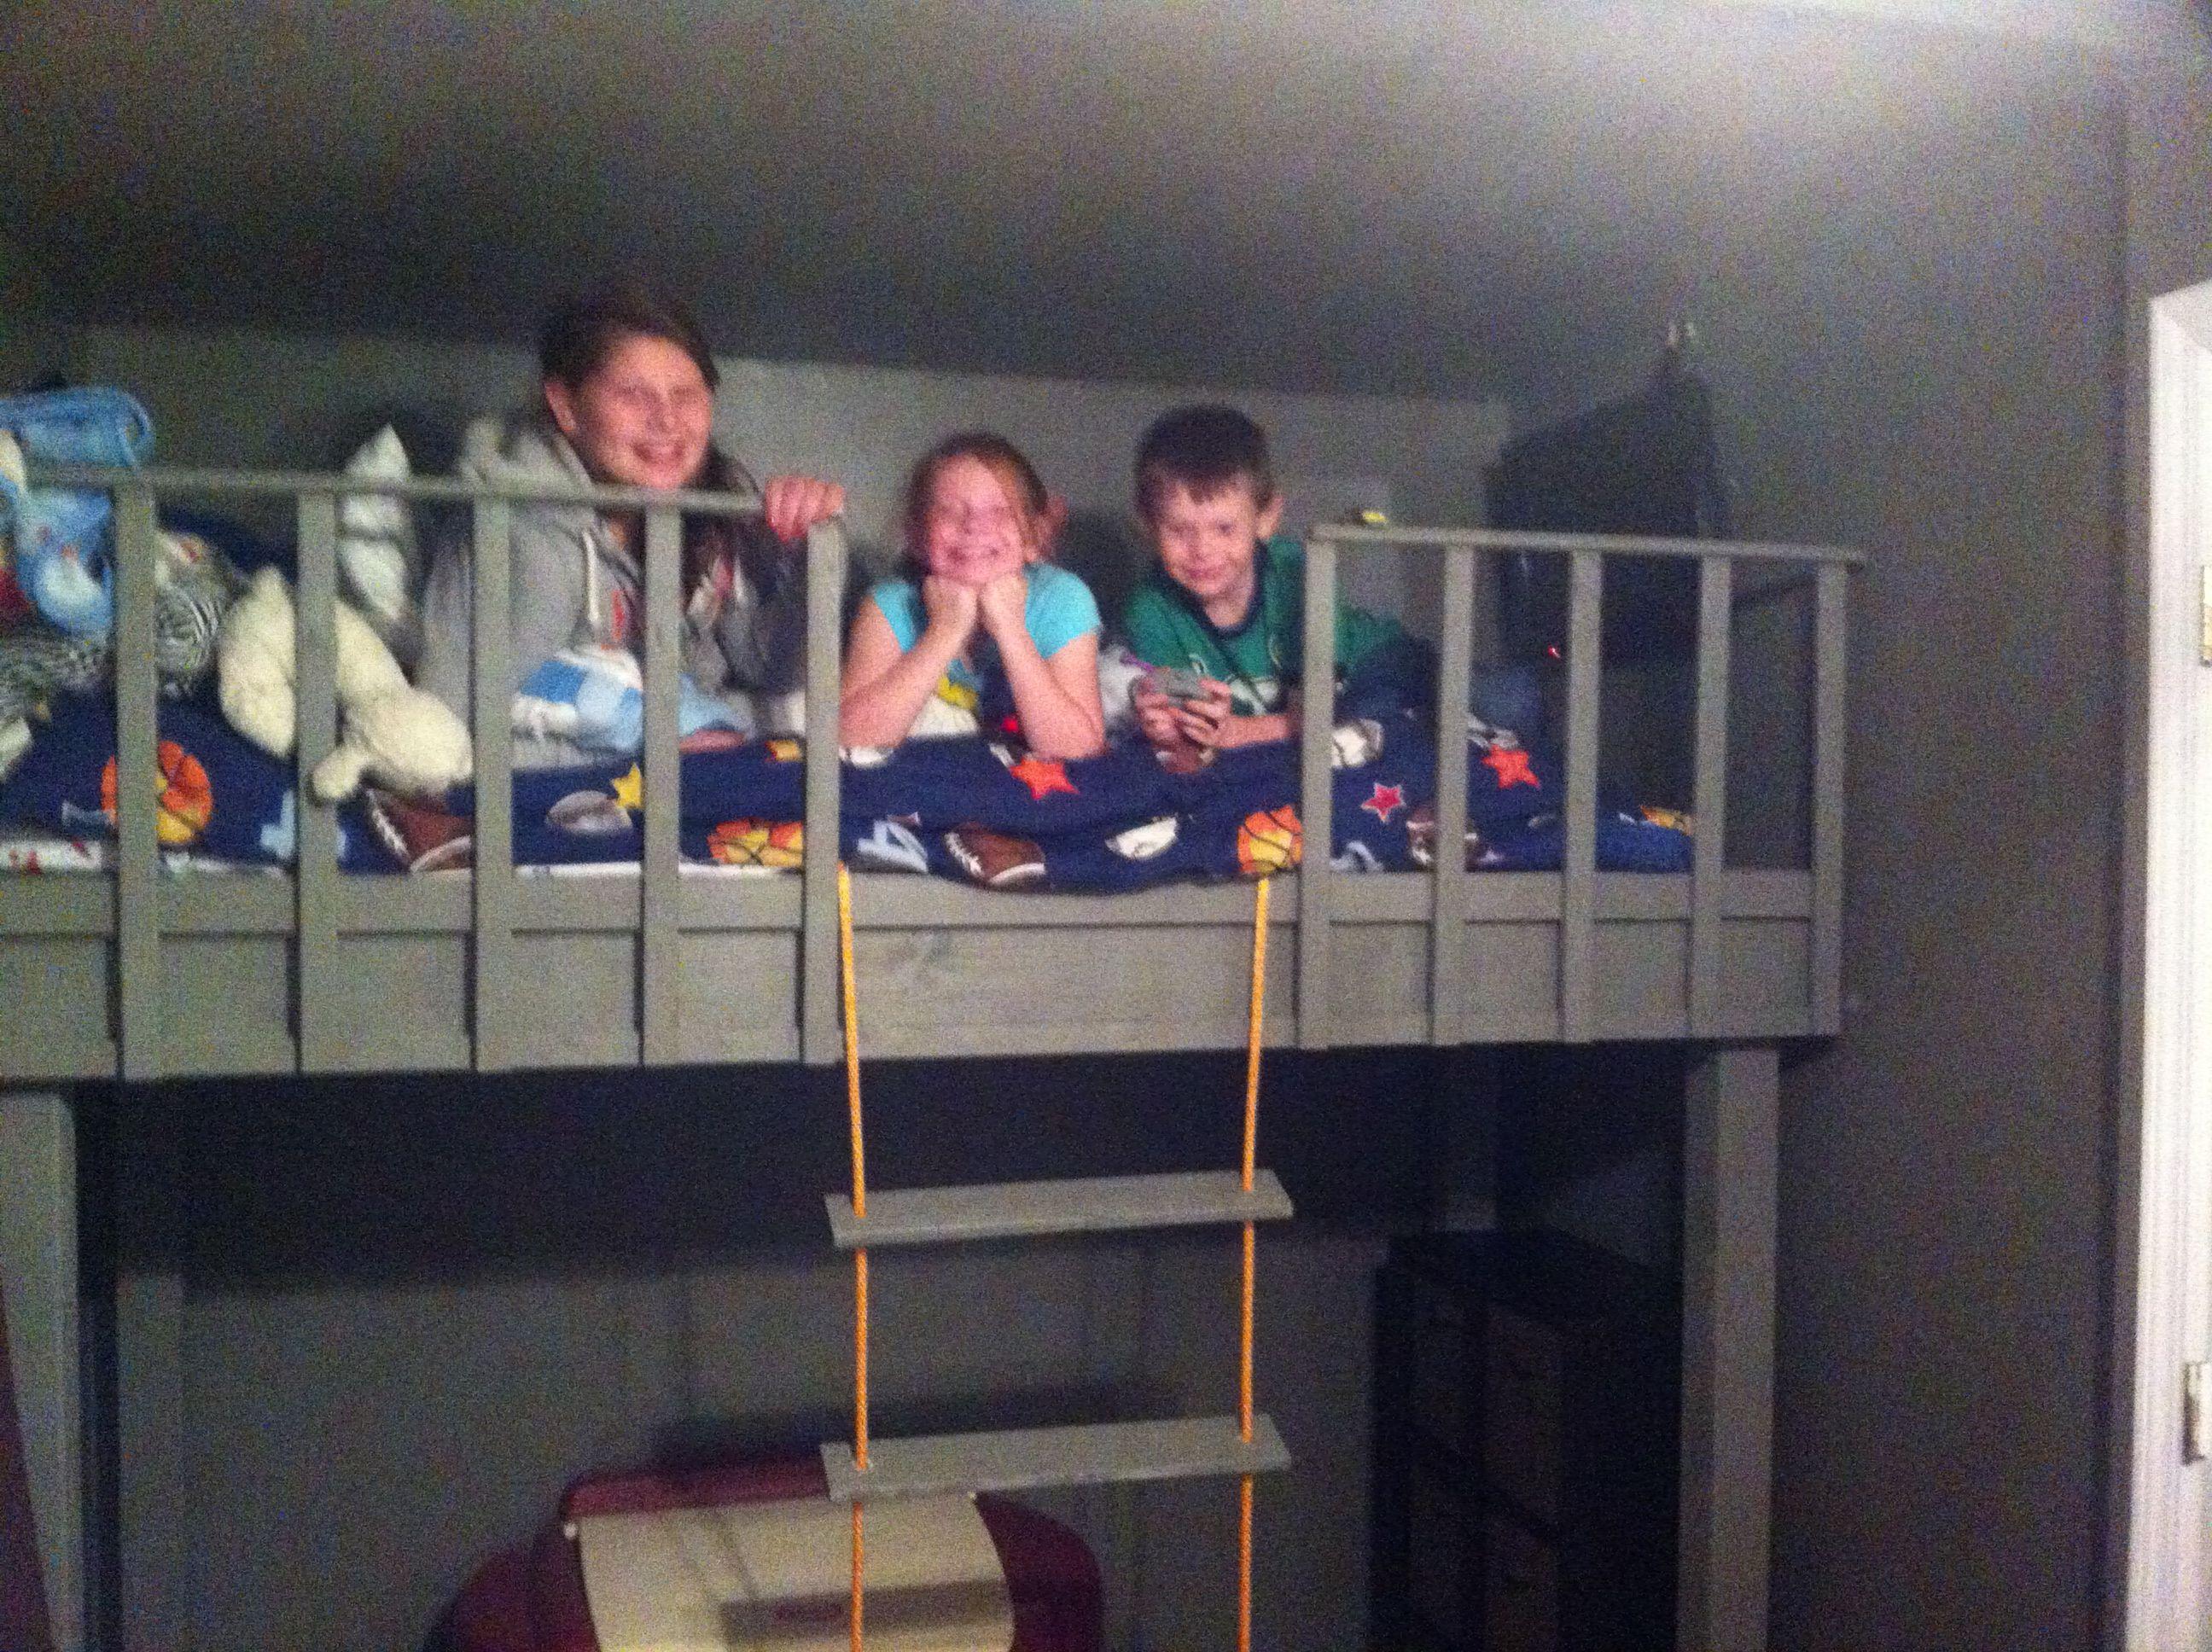 Loft bed ideas diy  Boys DIY loft bed with rope latter  Alius Room  Pinterest  Room